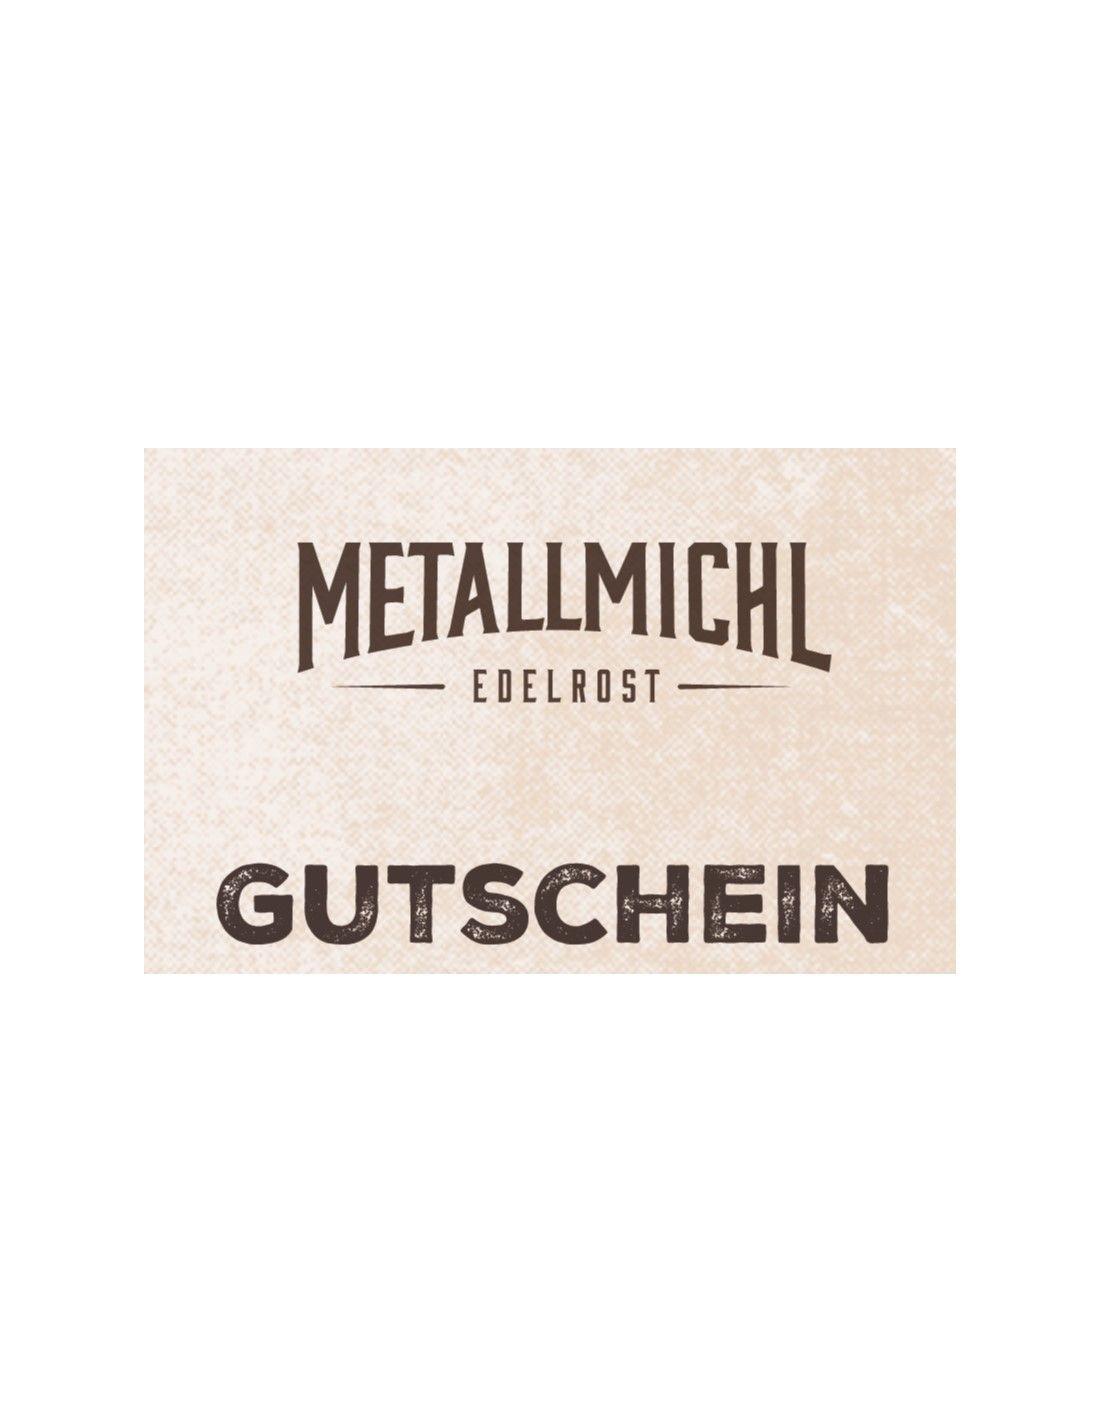 Metallmichl Geschenkgutschein online kaufen und ausdrucken